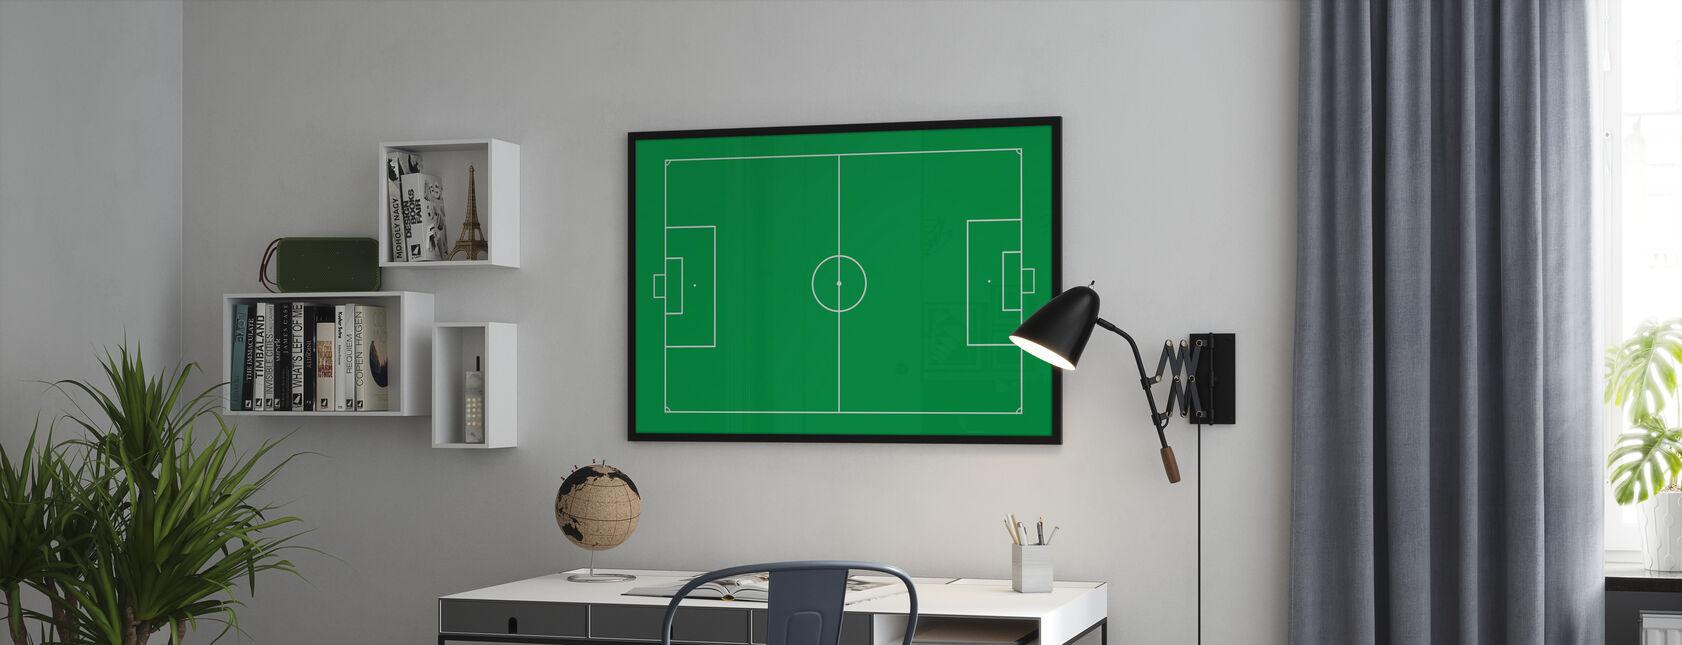 Voetbalveld - Poster - Kantoor